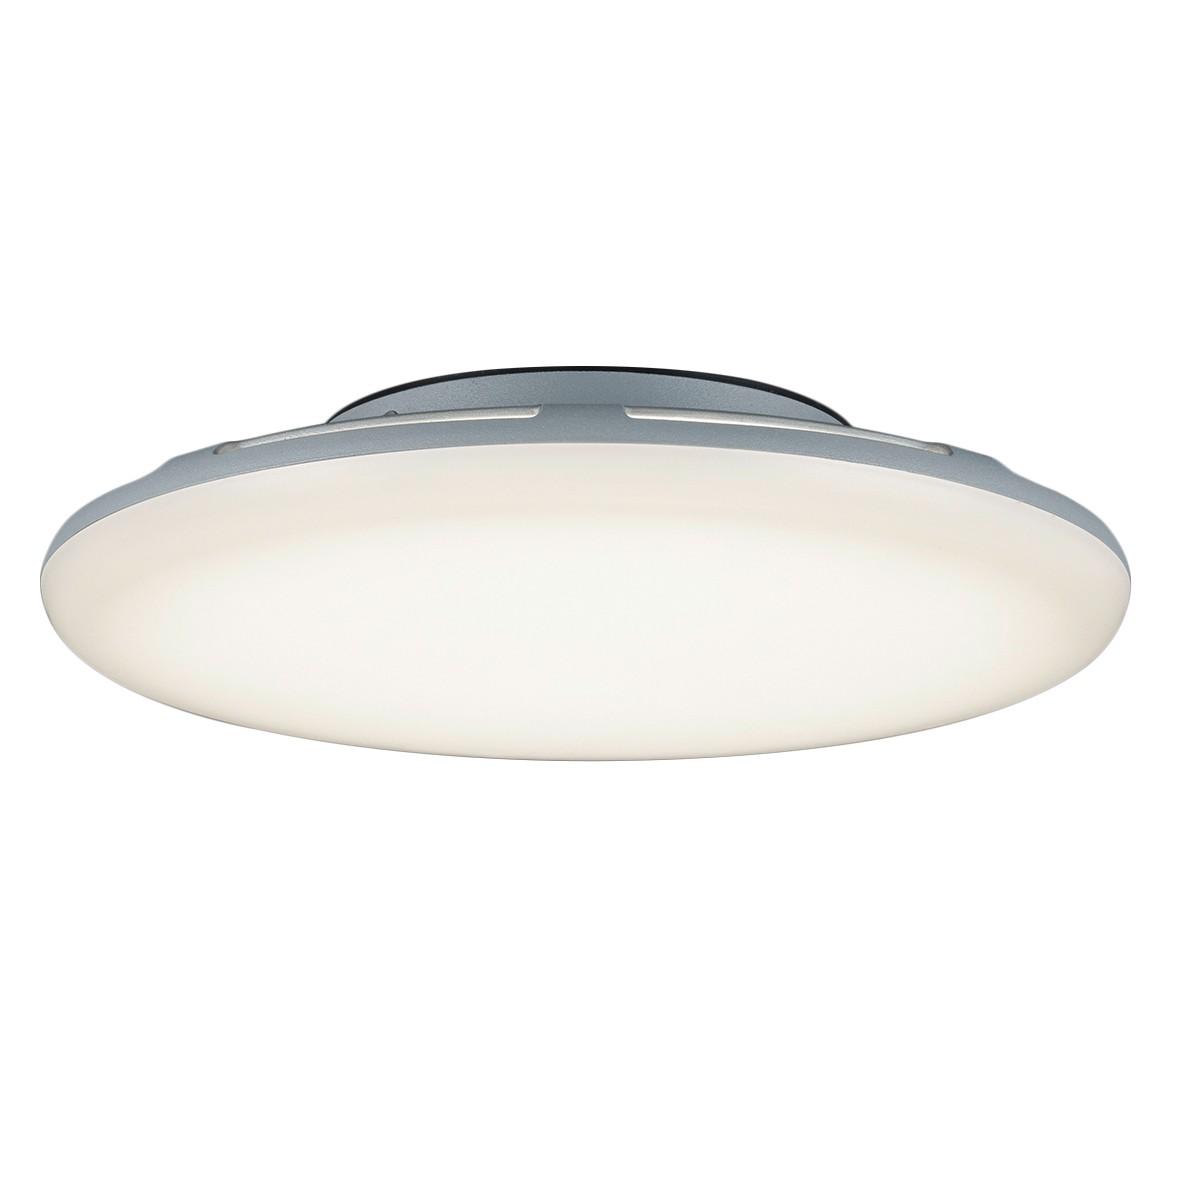 LED-Außenleuchte Bering ● Aluminium / Kunststoff ● 1-flammig ● 27 ● Titan- Trio A+